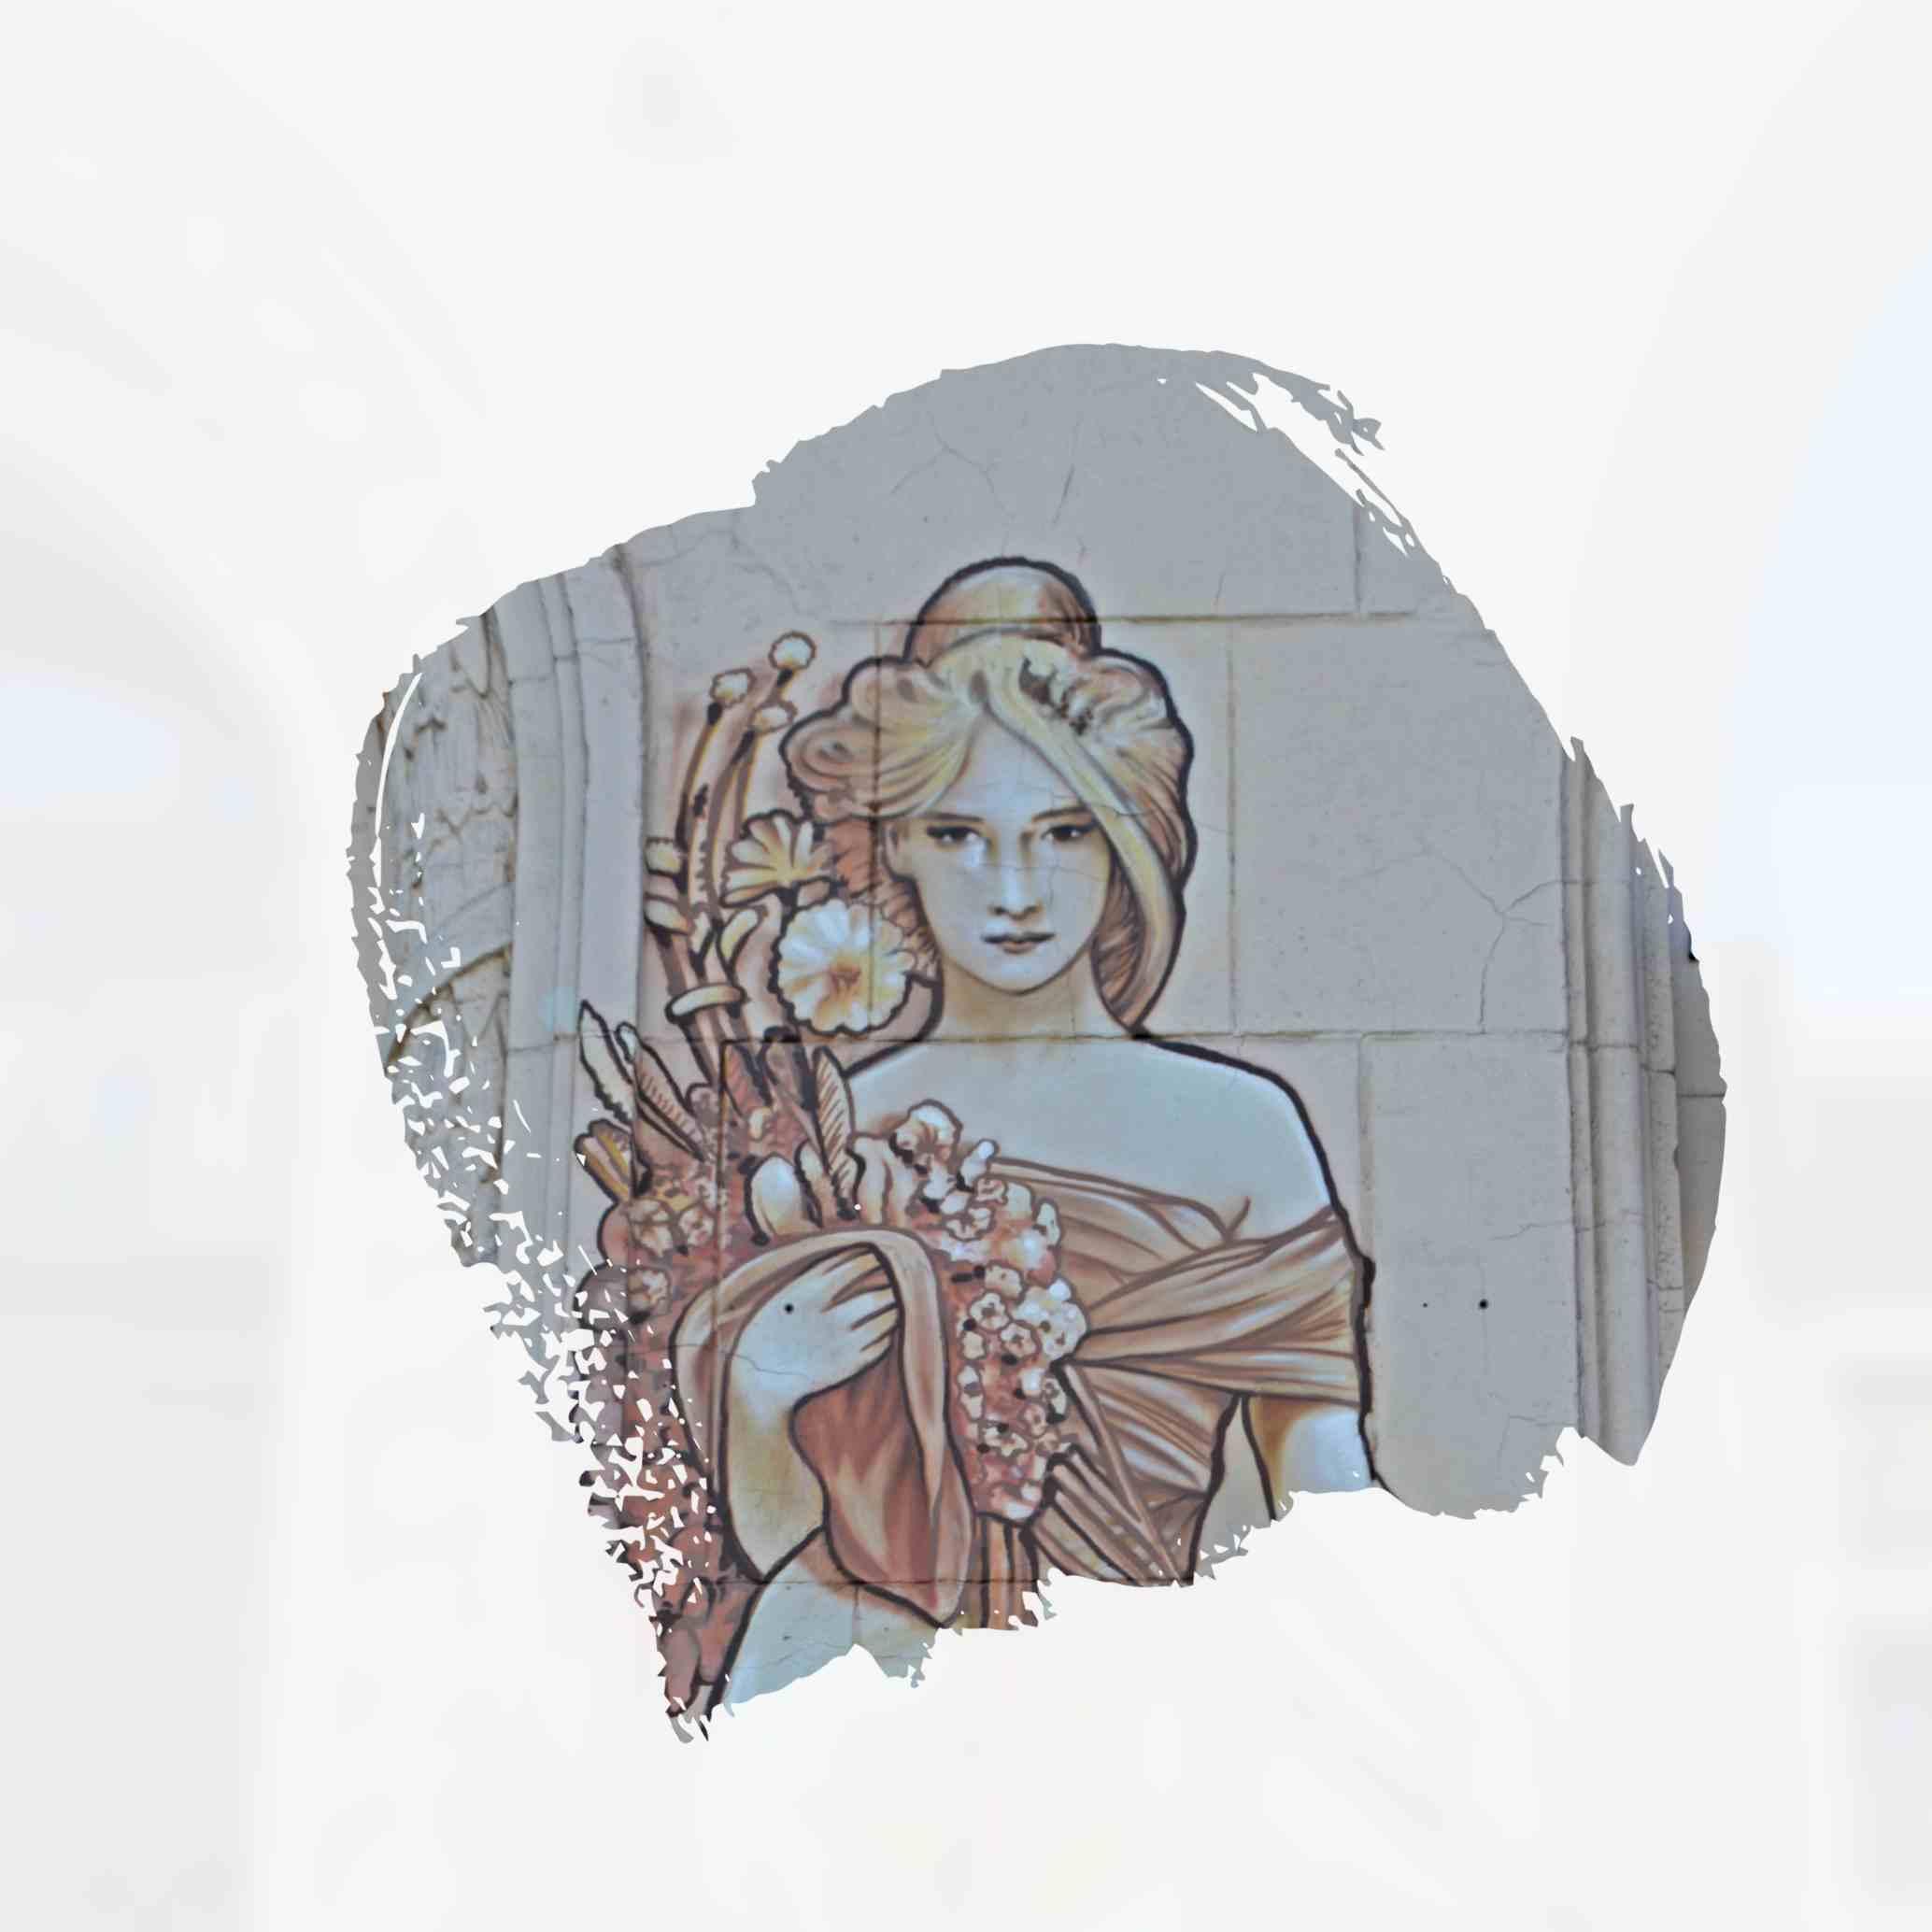 street art Mucha Berlin Jugendstil